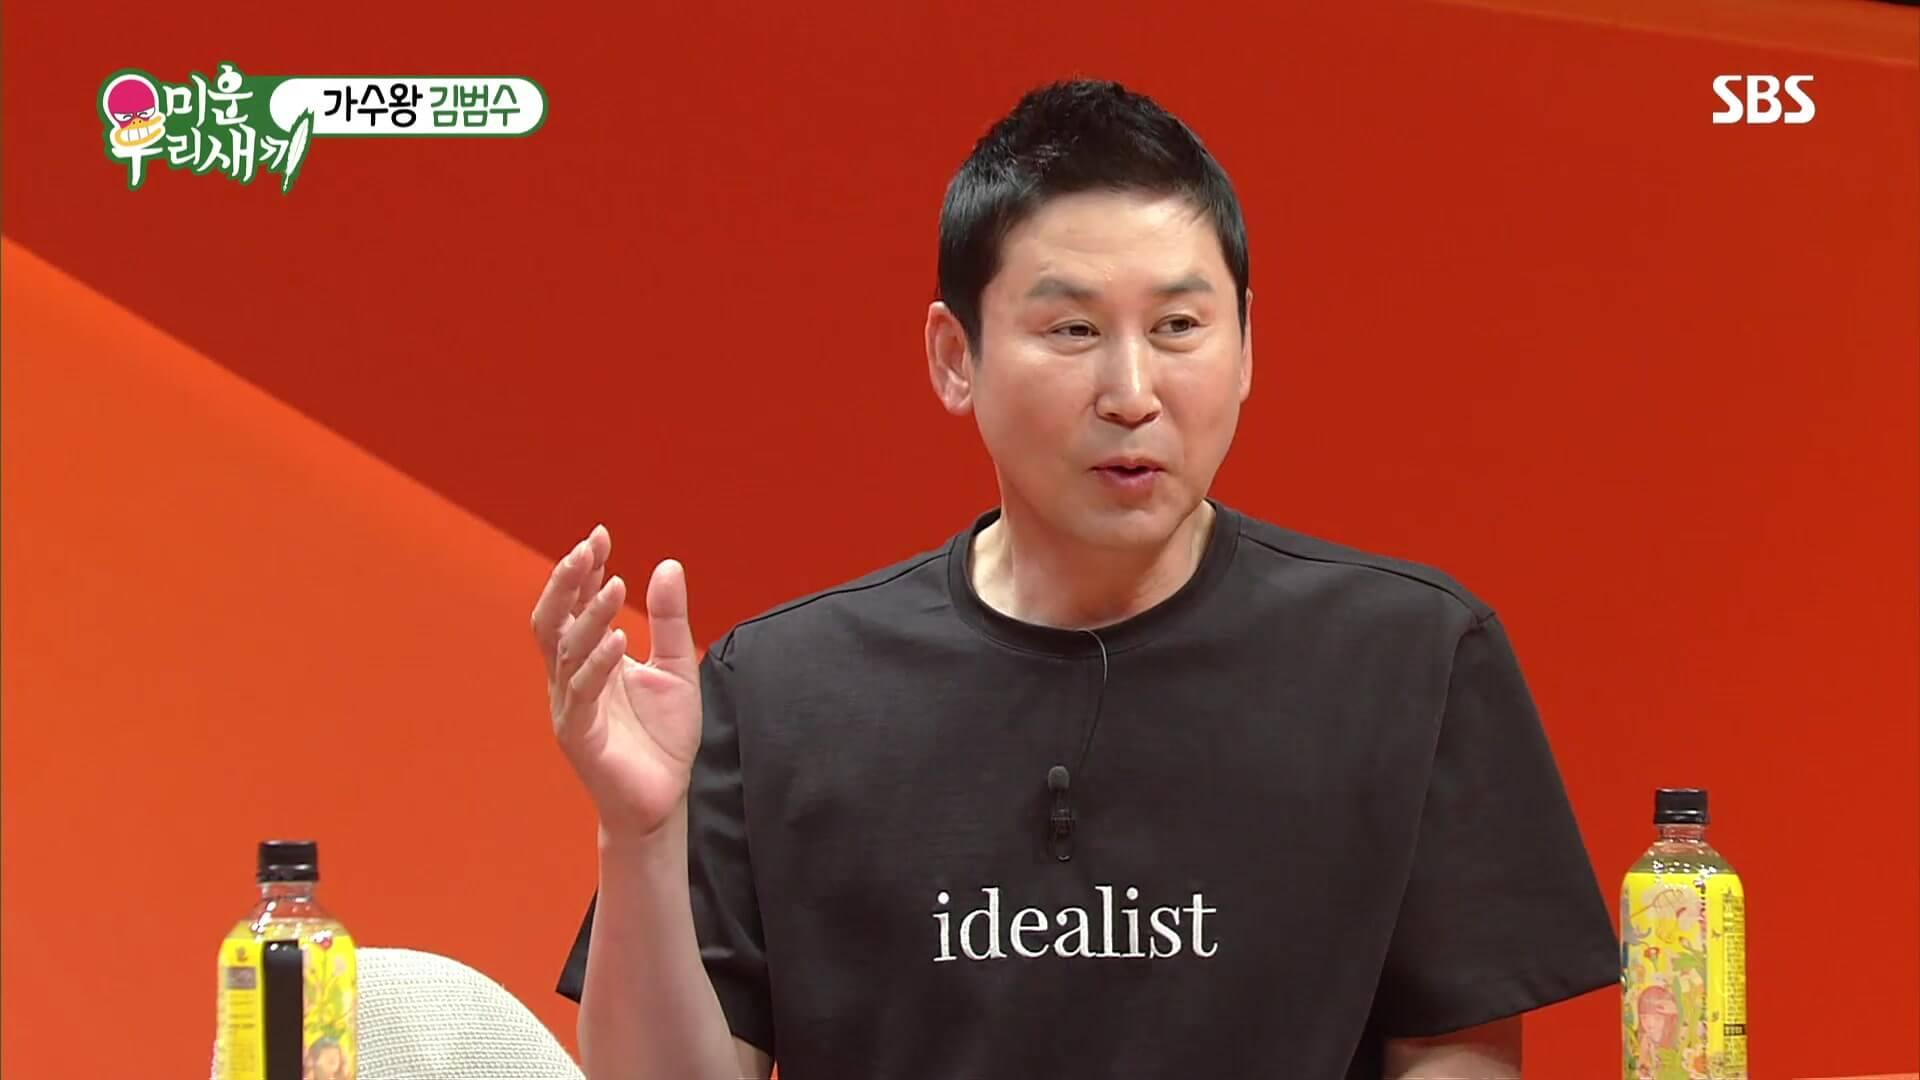 申東燁曾透露,小時候大哥經常被欺負,每當這個時候他都會出手相助,擊退敵人。